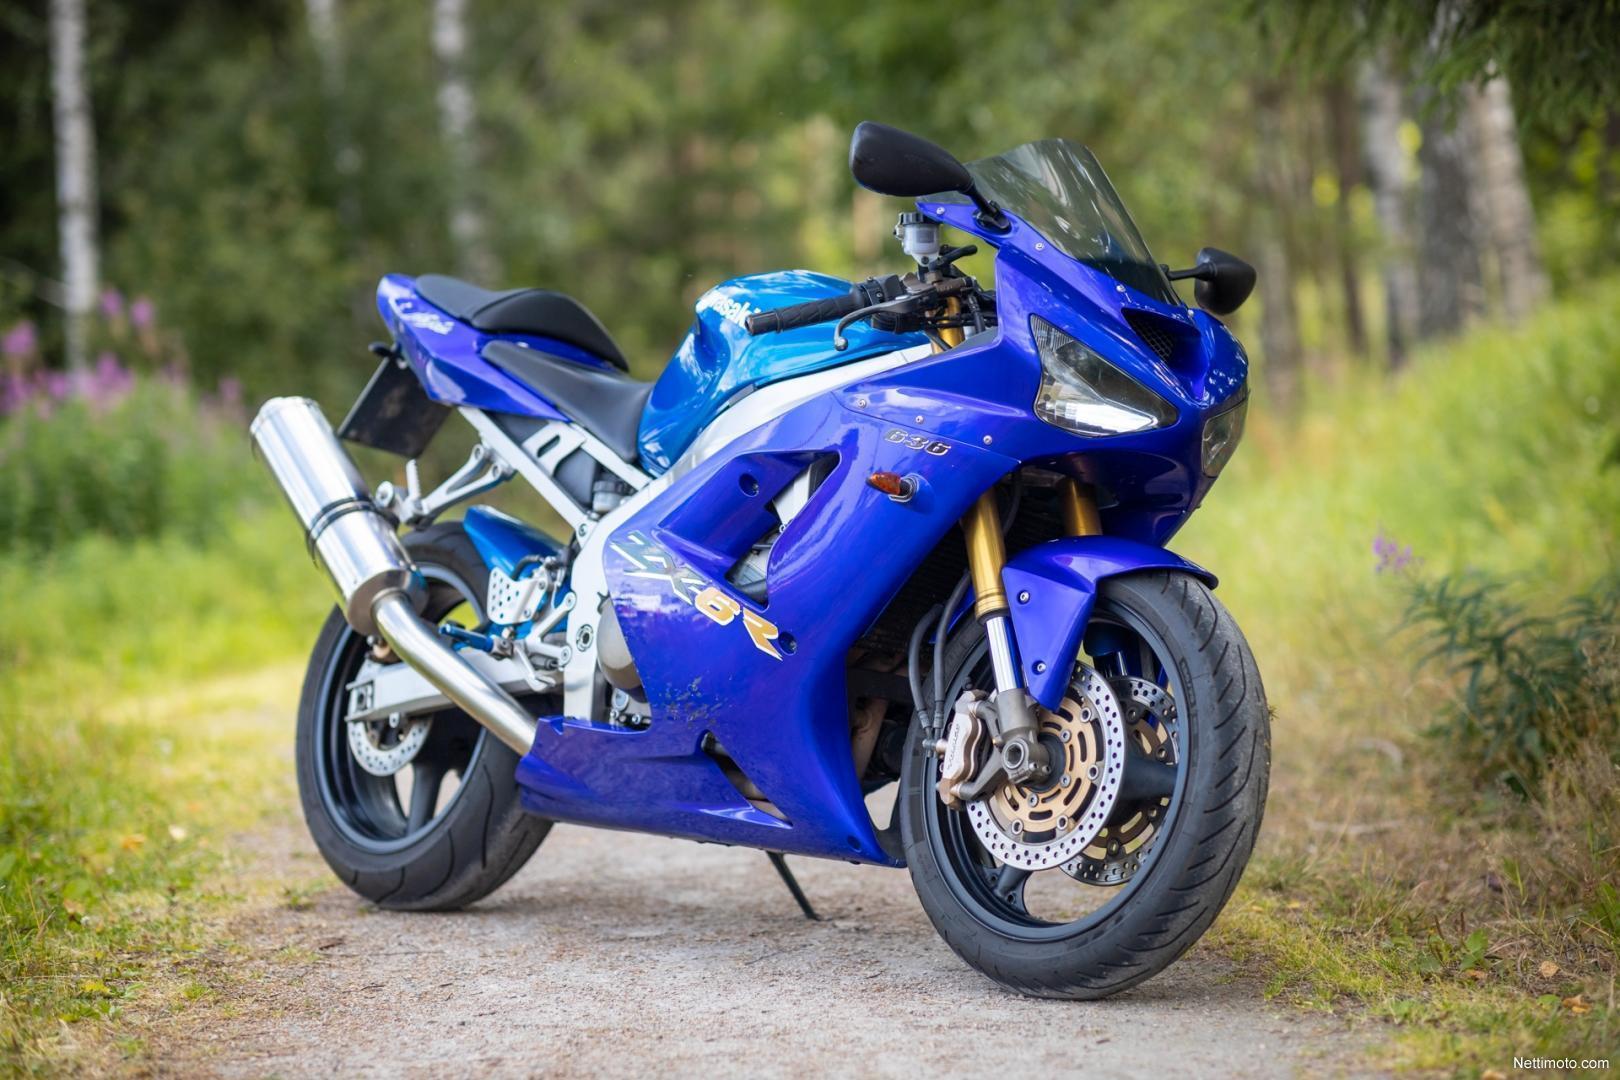 KAWASAKI ZX-6R 636 2003 600 cm3   moto sportive   30 100